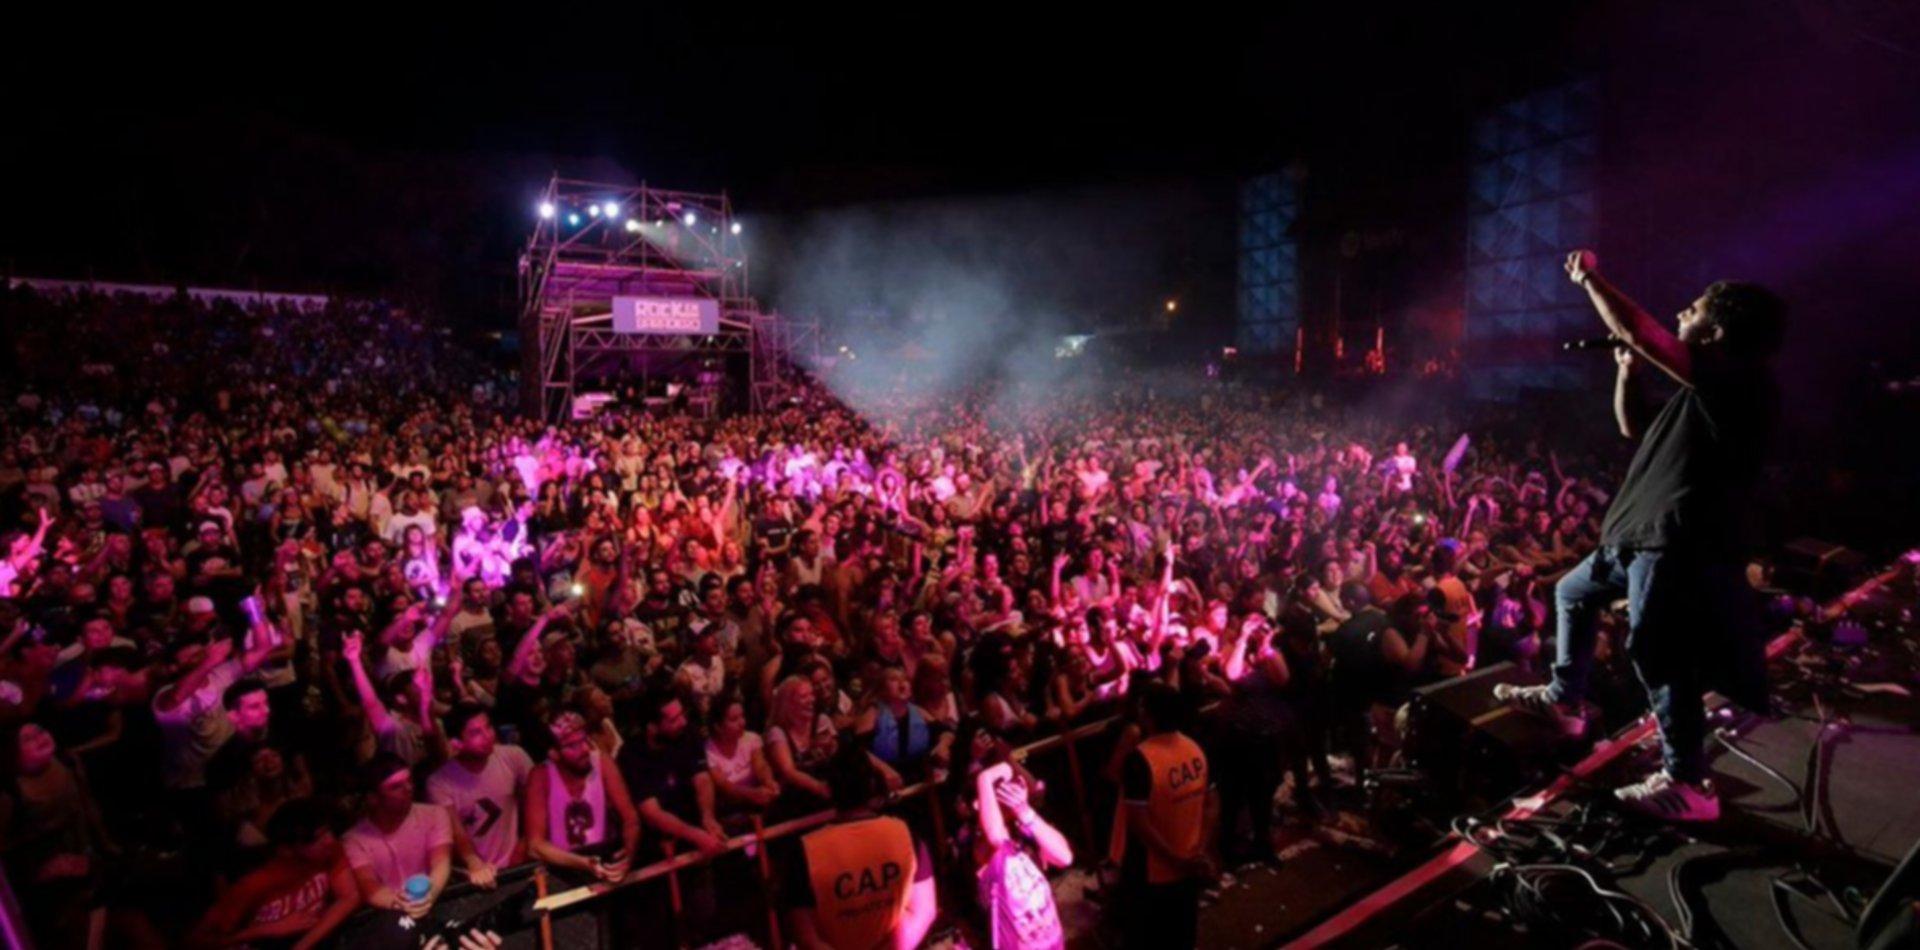 El Rock en Baradero arranca con presencia platense: ¿quiénes tocan?